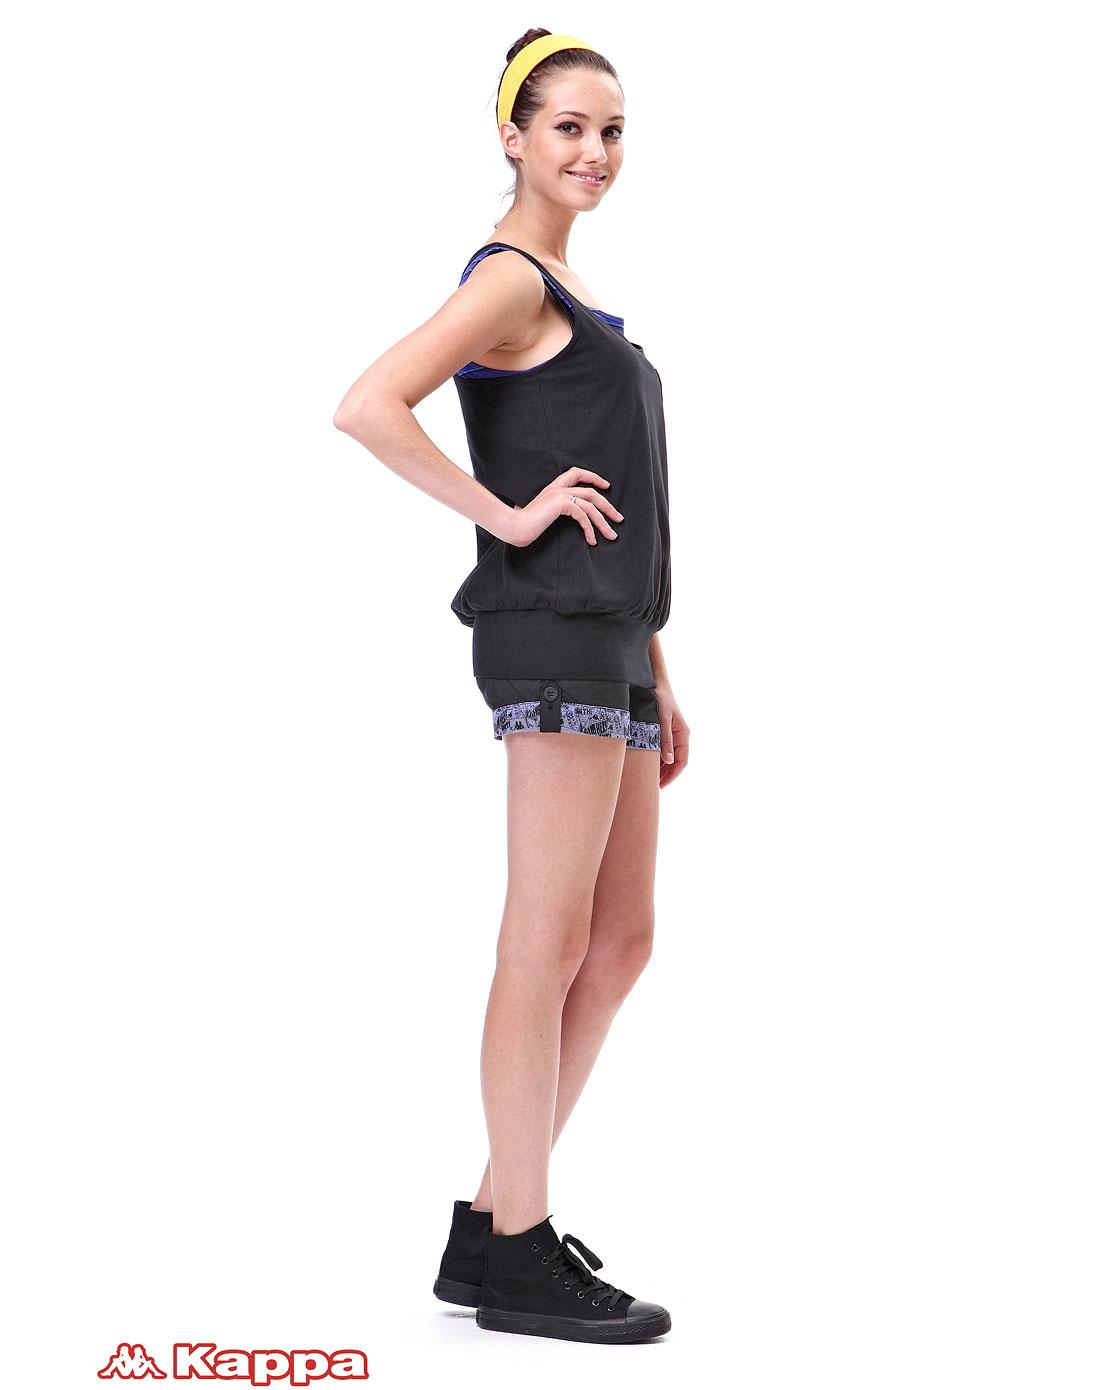 卡帕kappa女装专场-女色黑色时尚背心